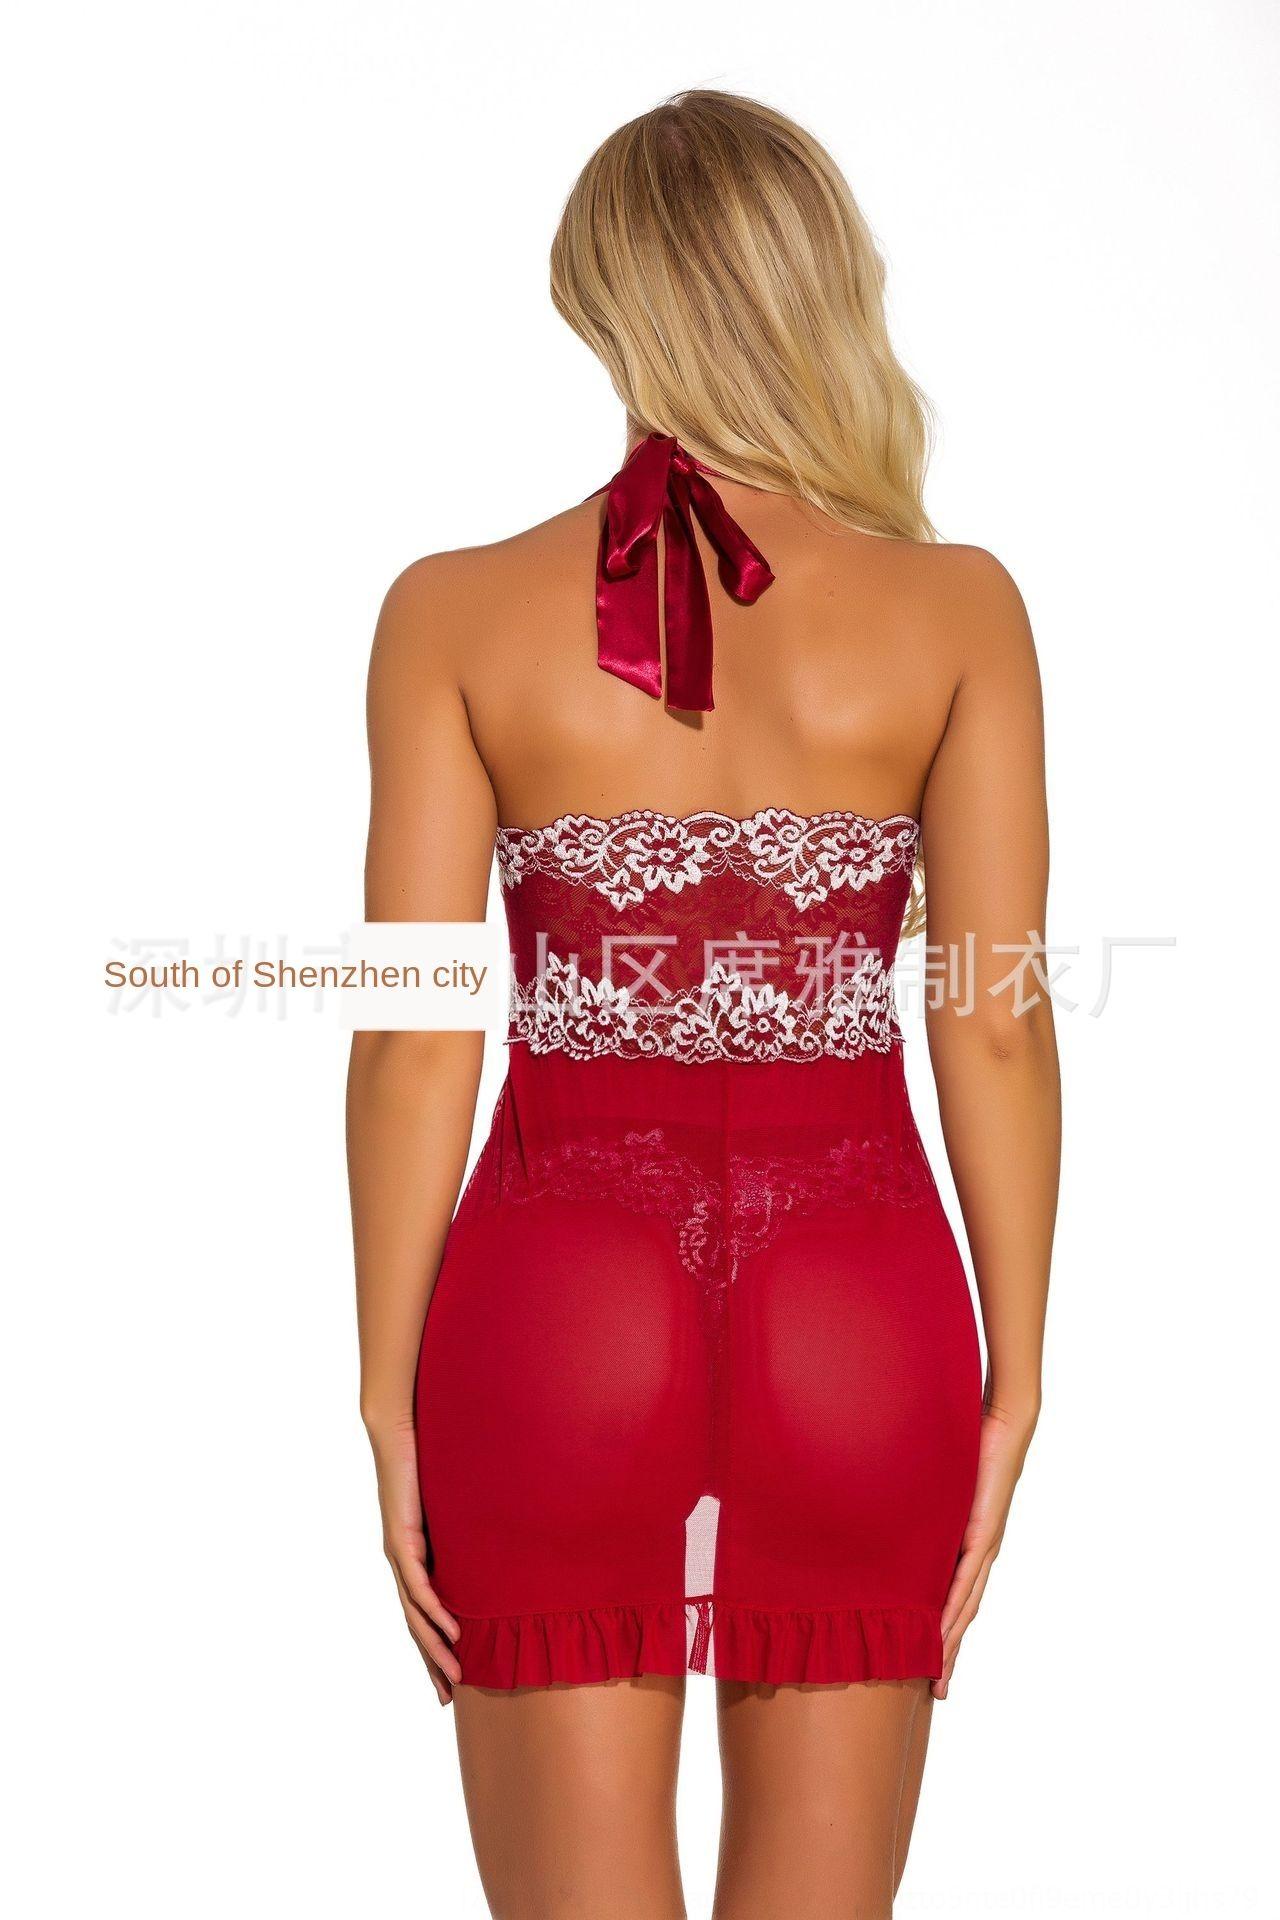 Zm2pd Unterwäsche / Unterwäsche für Erwachsene reizvolle Wäsche / reizvolle erwachsene weibliche weibliche Unterwäsche